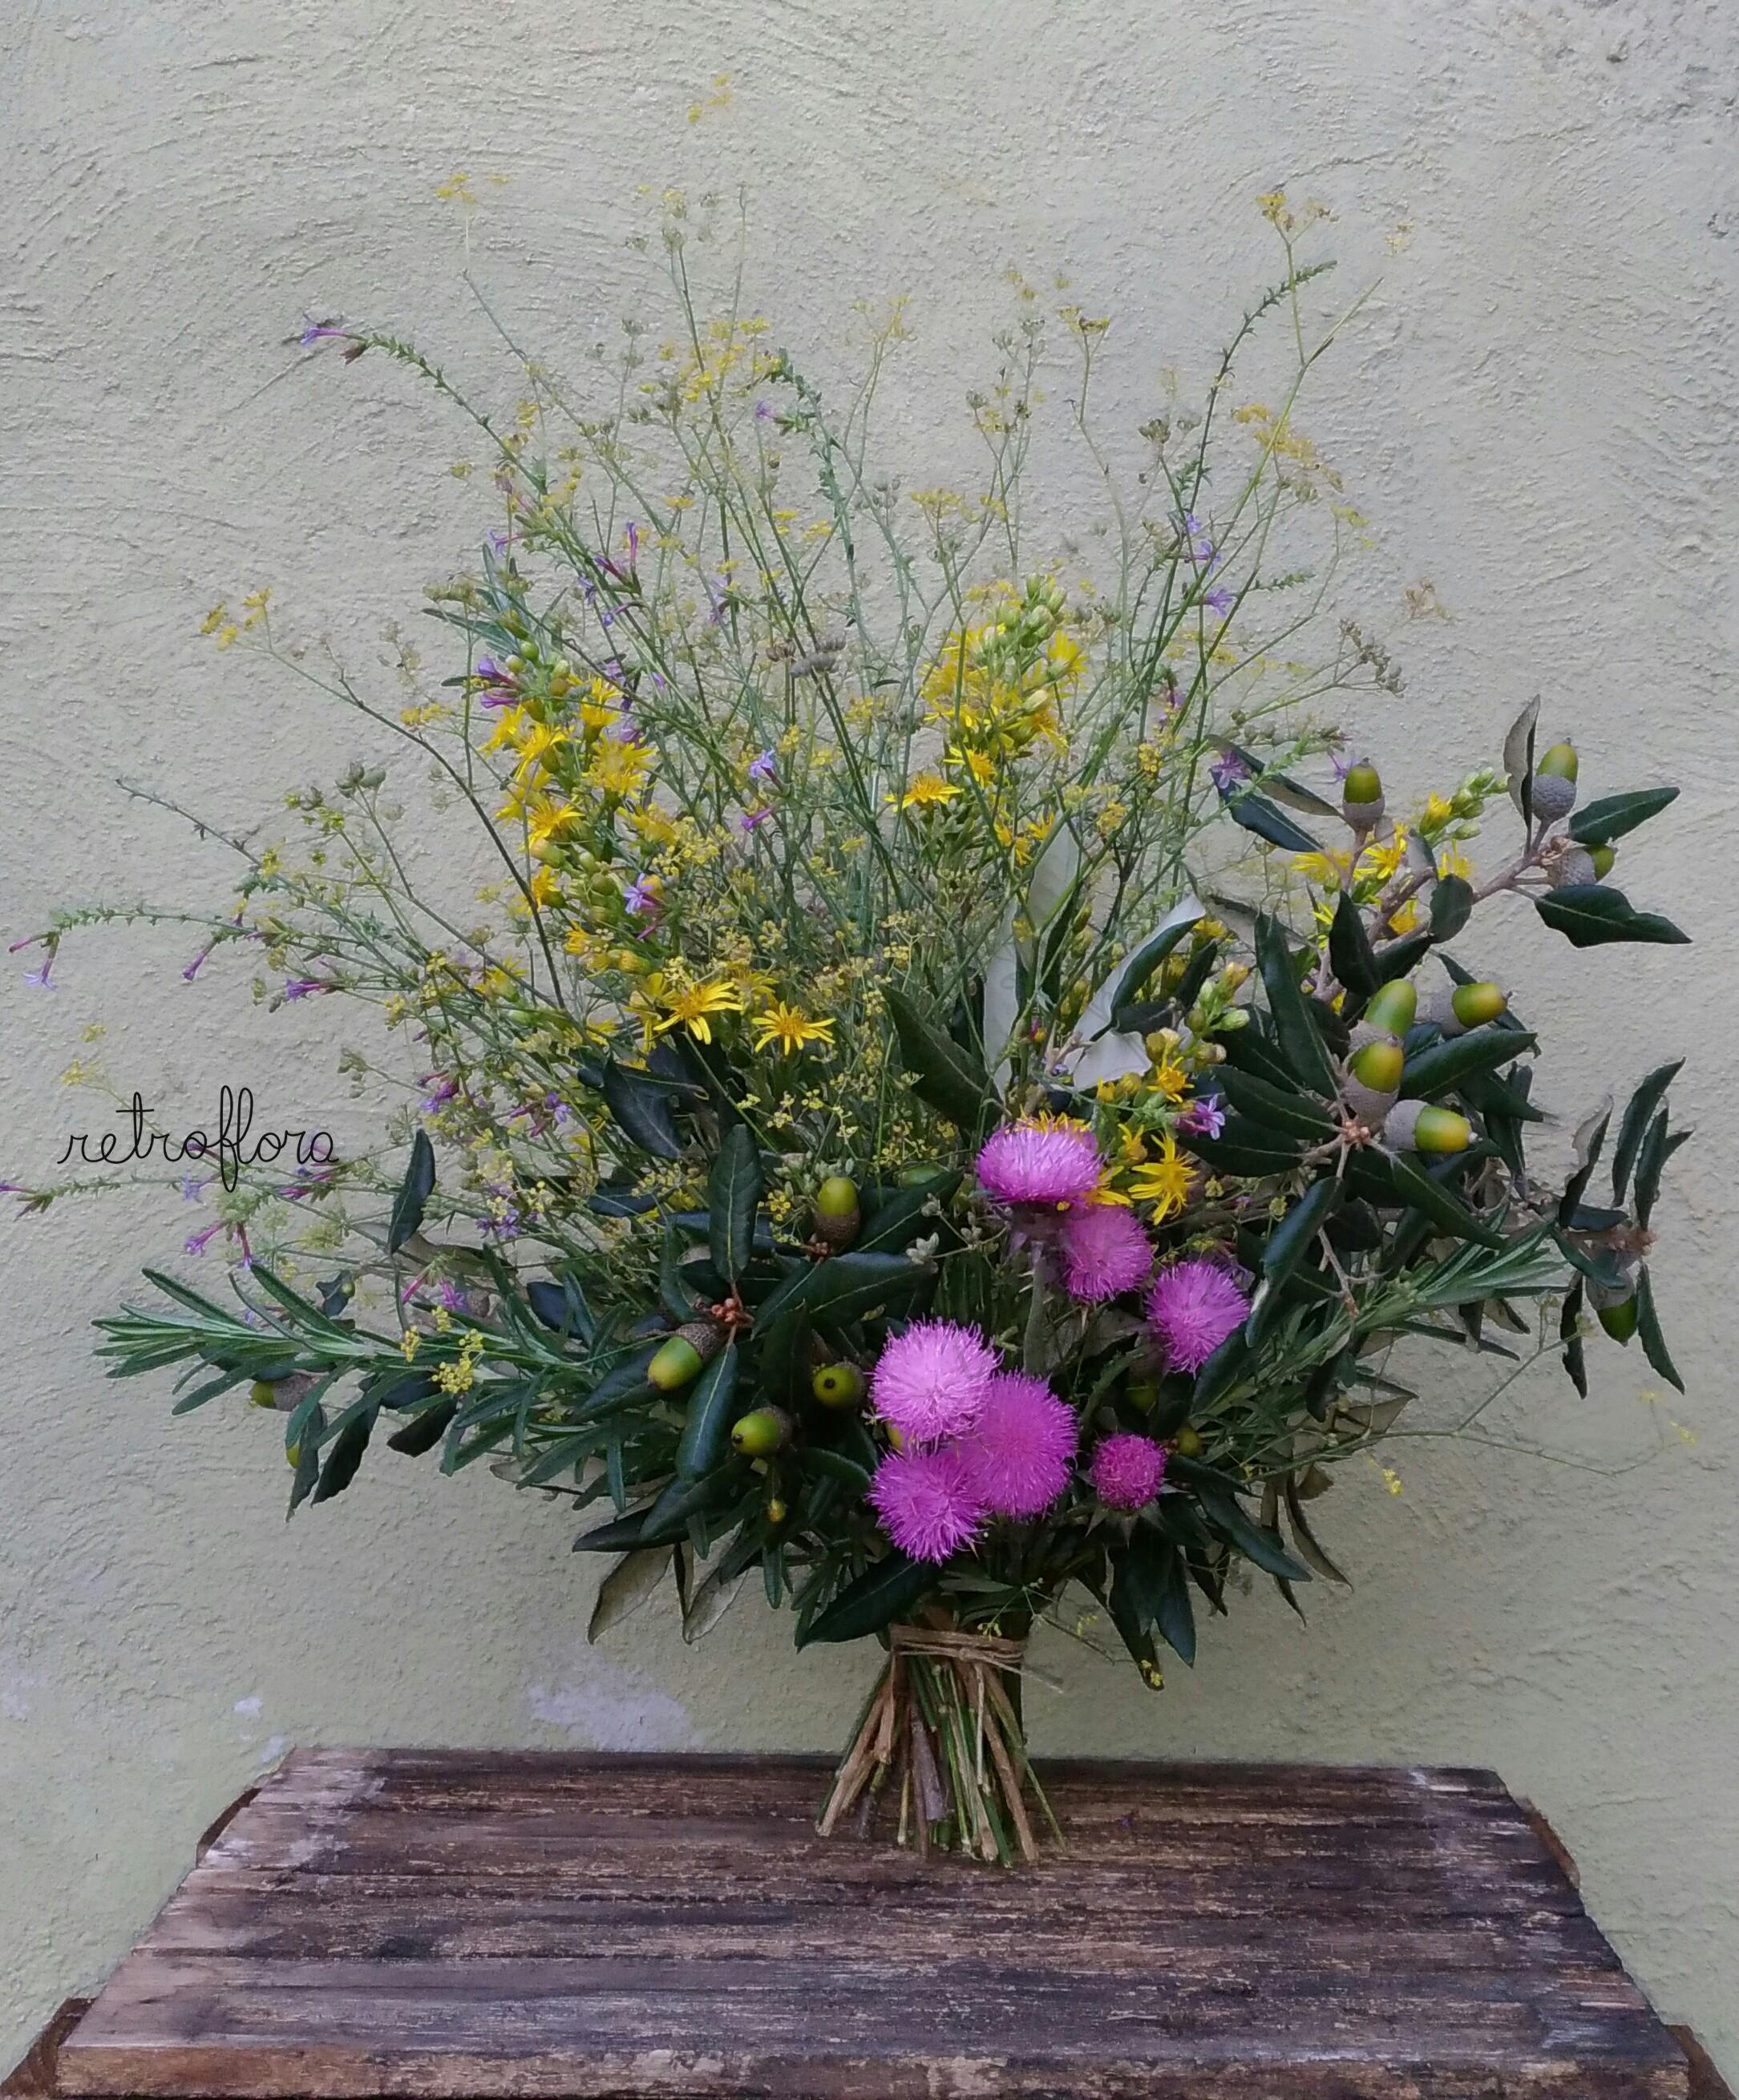 Wild Bouquet - Retroflora